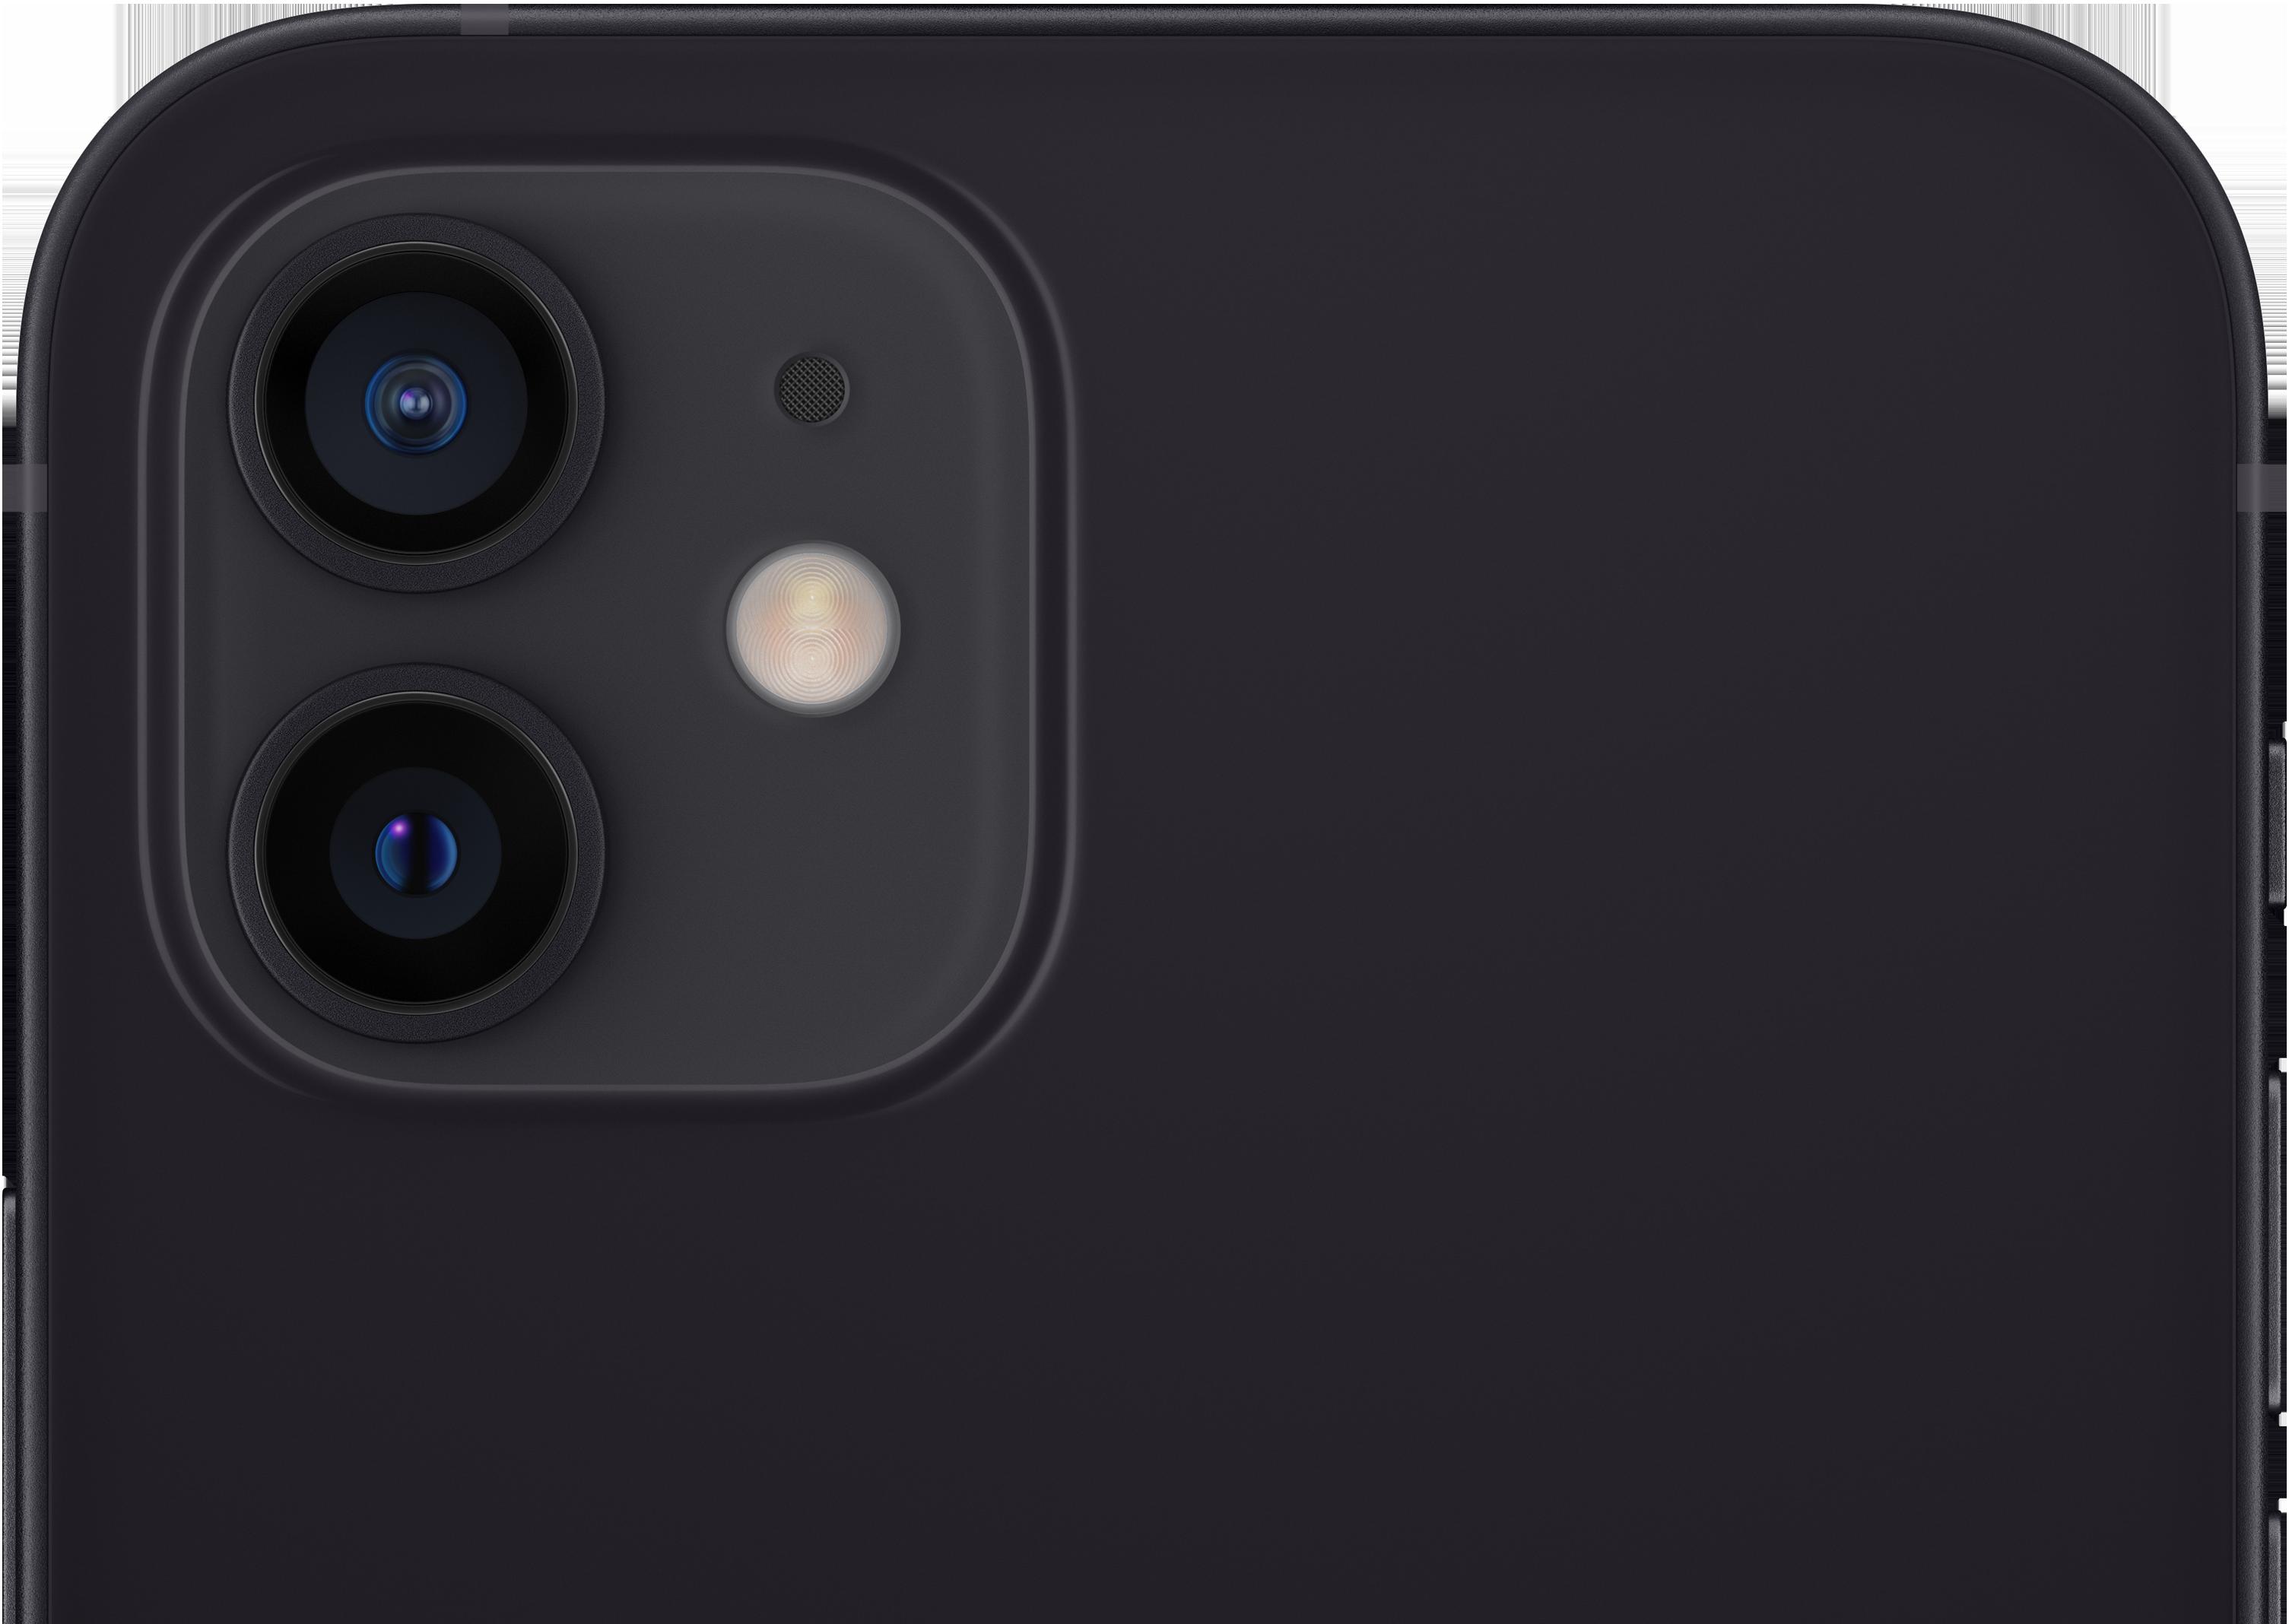 Новый iPhone 12 поддерживает Ночной режим на обеих, широкоугольной и ультраширокоугольной, камерах. Благодаря чему у вас теперь еще больше возможностей получить отличные снимки независимо от условий окружающего освещения.